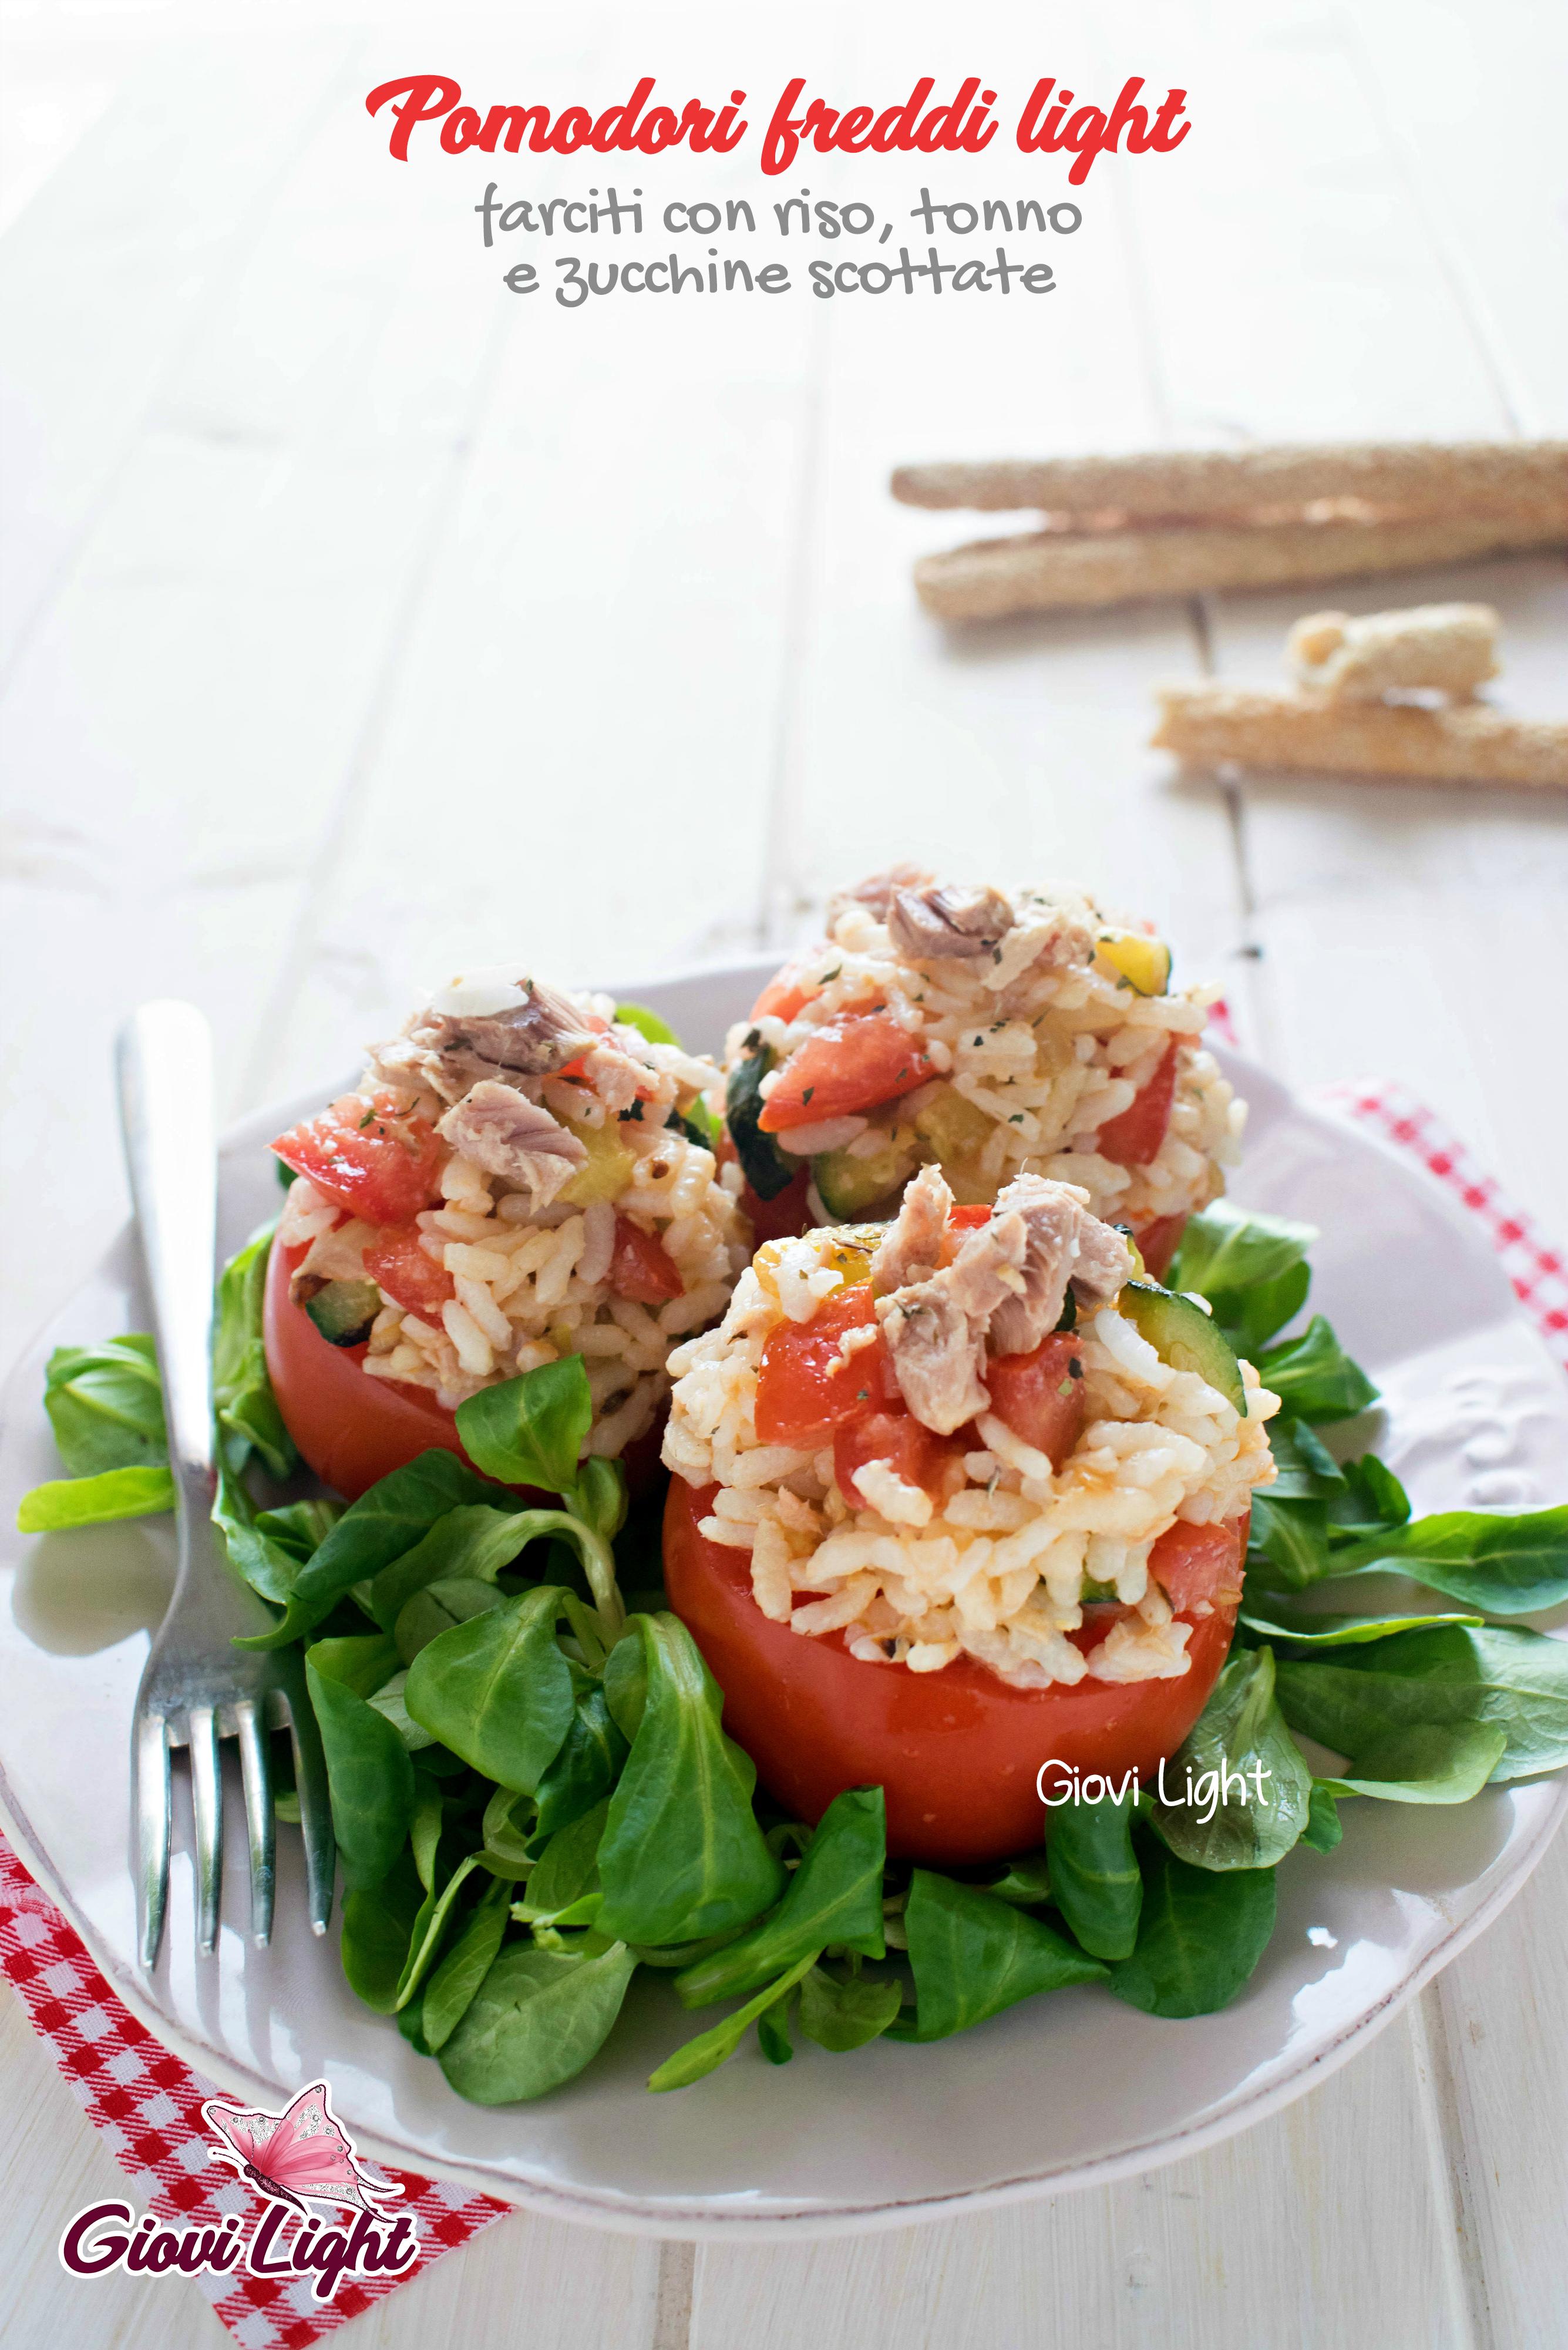 Pomodori freddi light farciti con riso, tonno e zucchine scottate